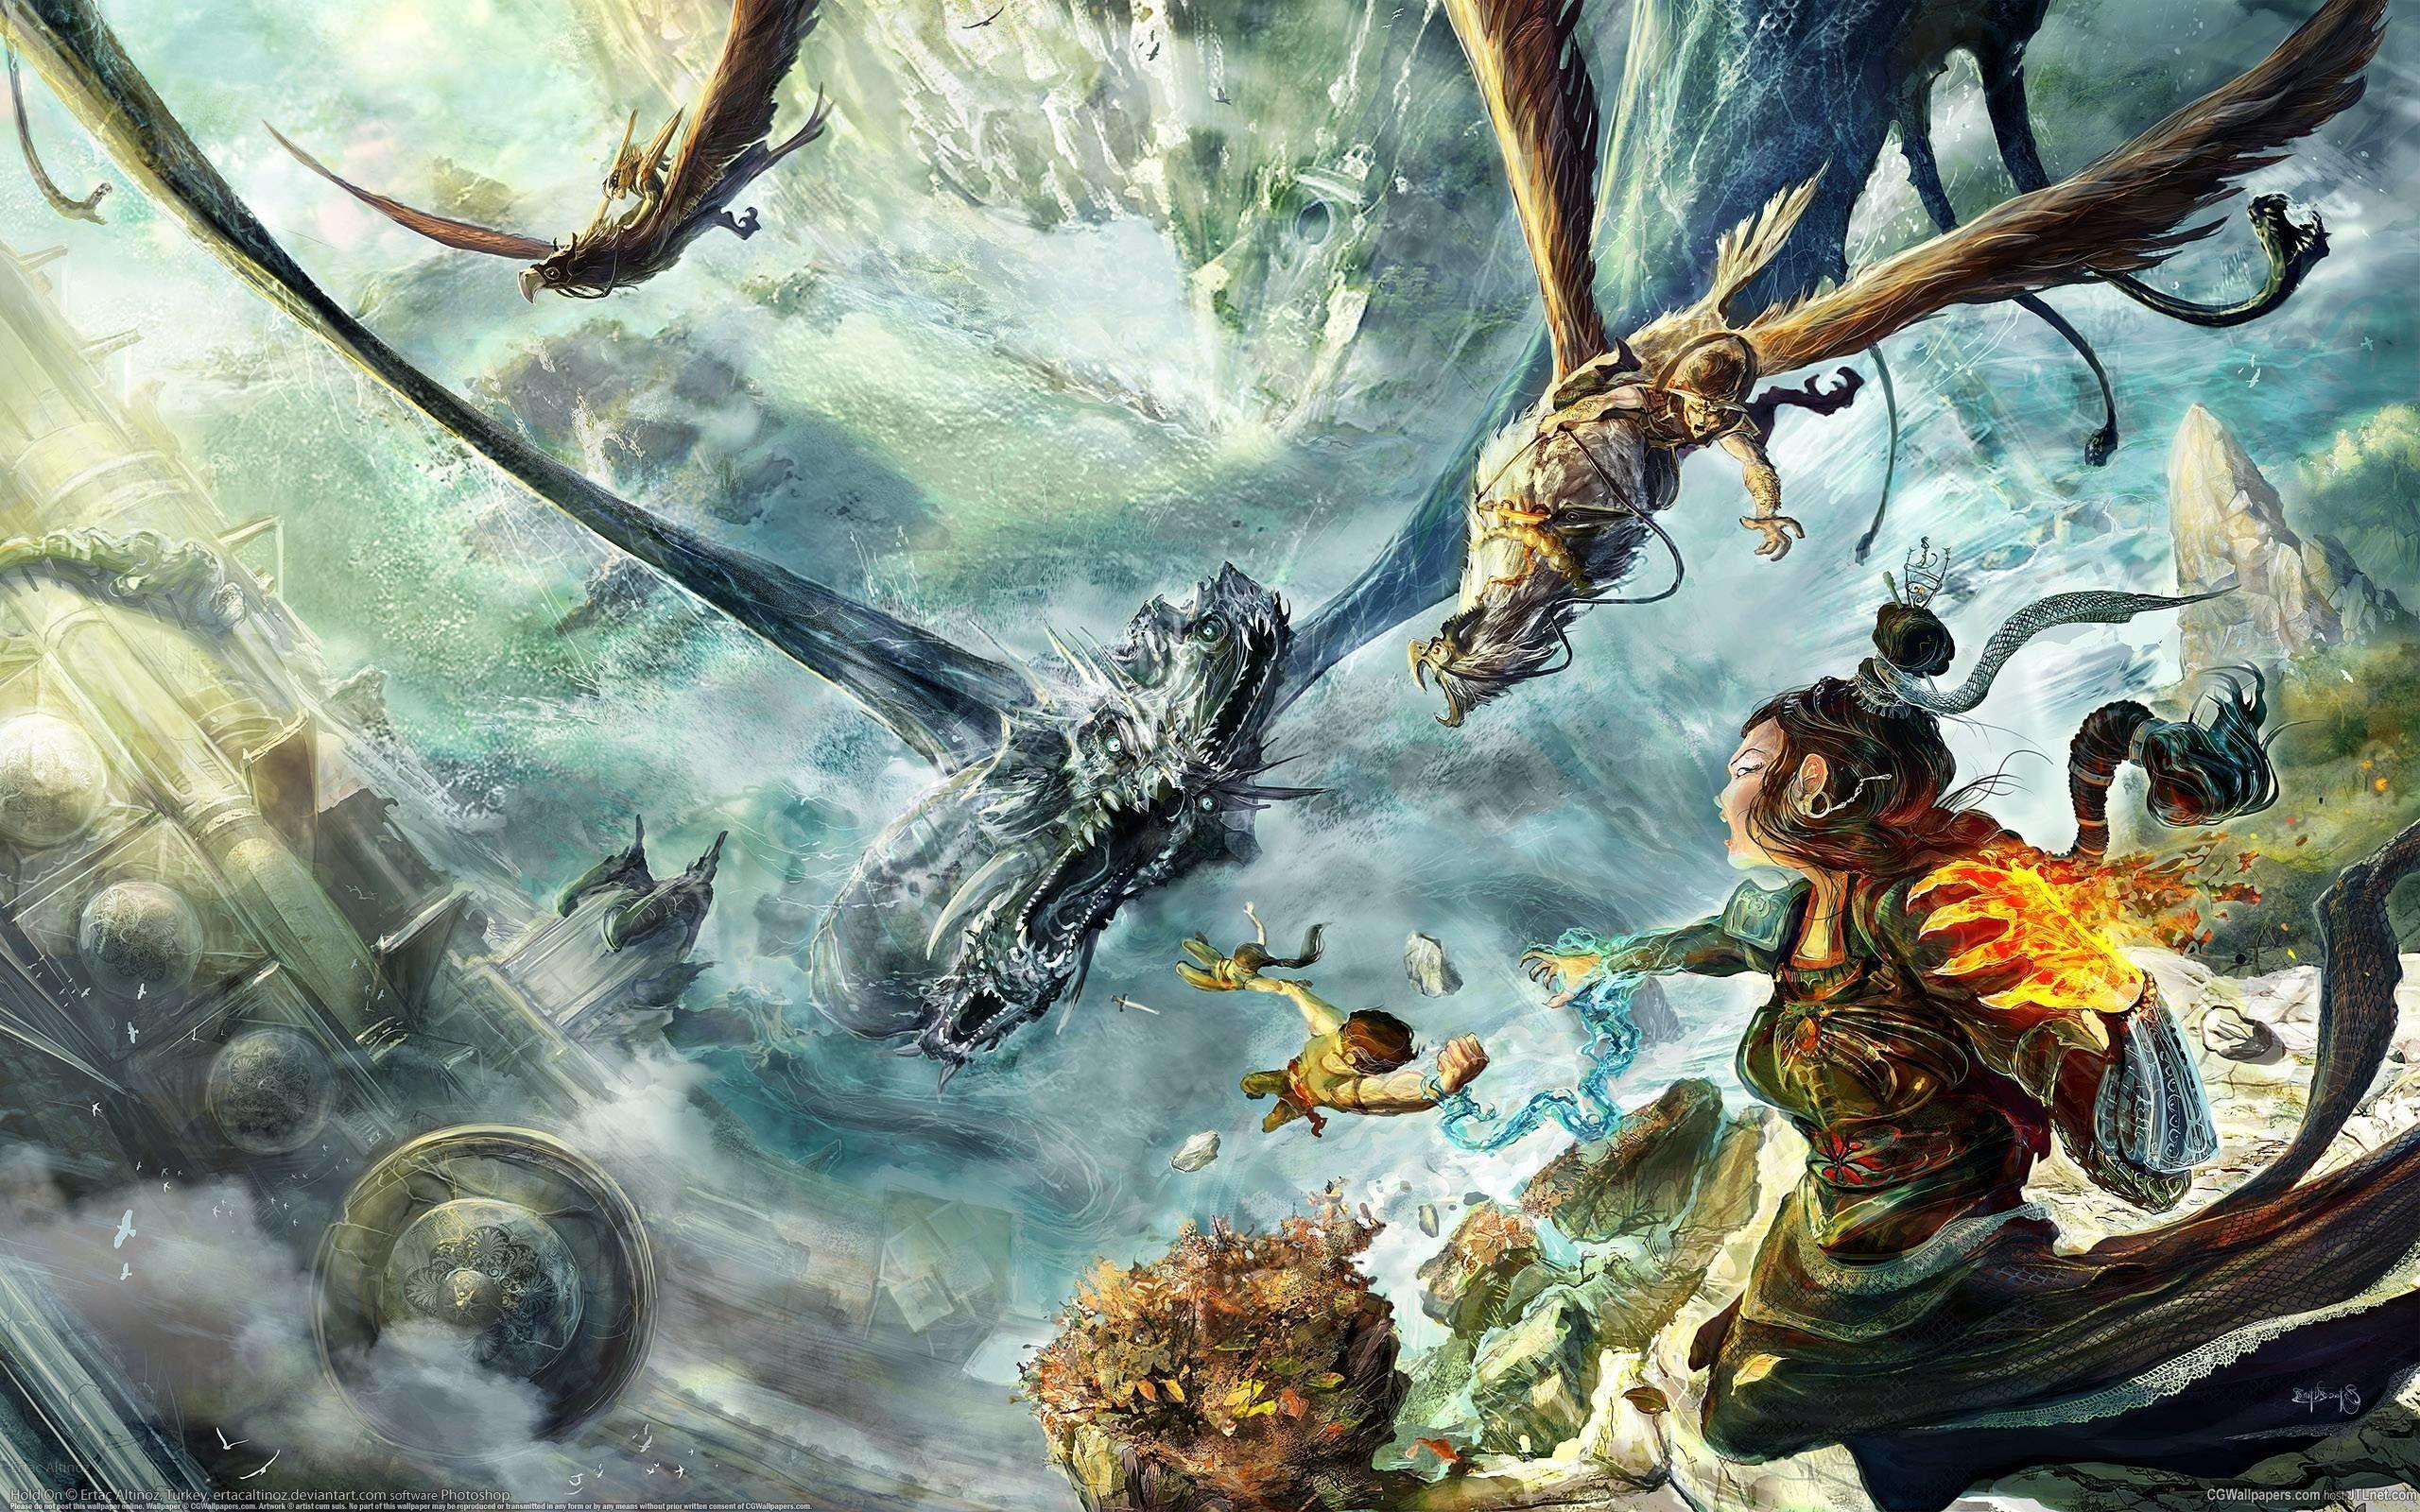 Dragon Battle Wallpapers - Top Free Dragon Battle